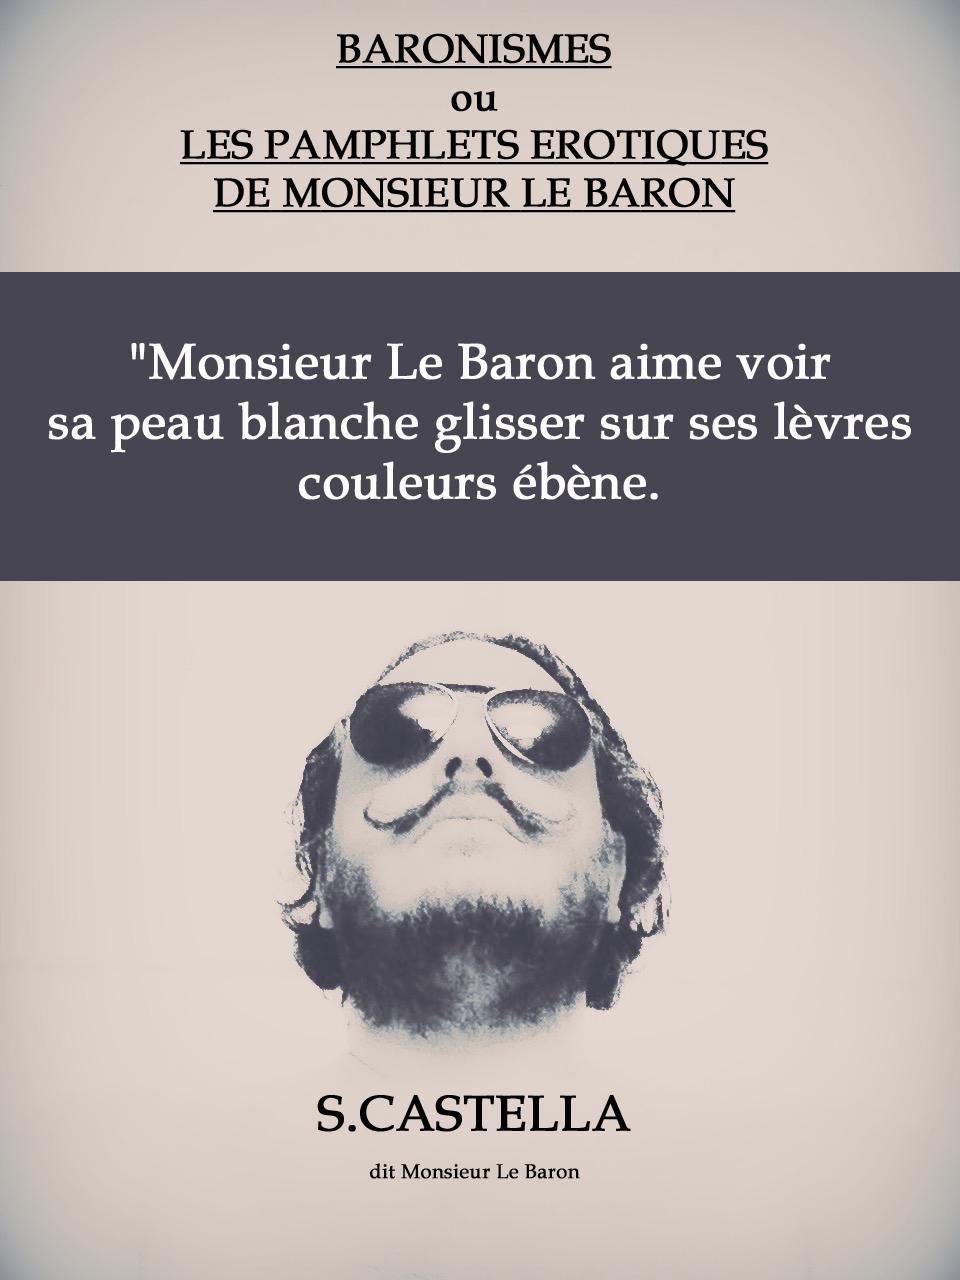 castella-baronisme26